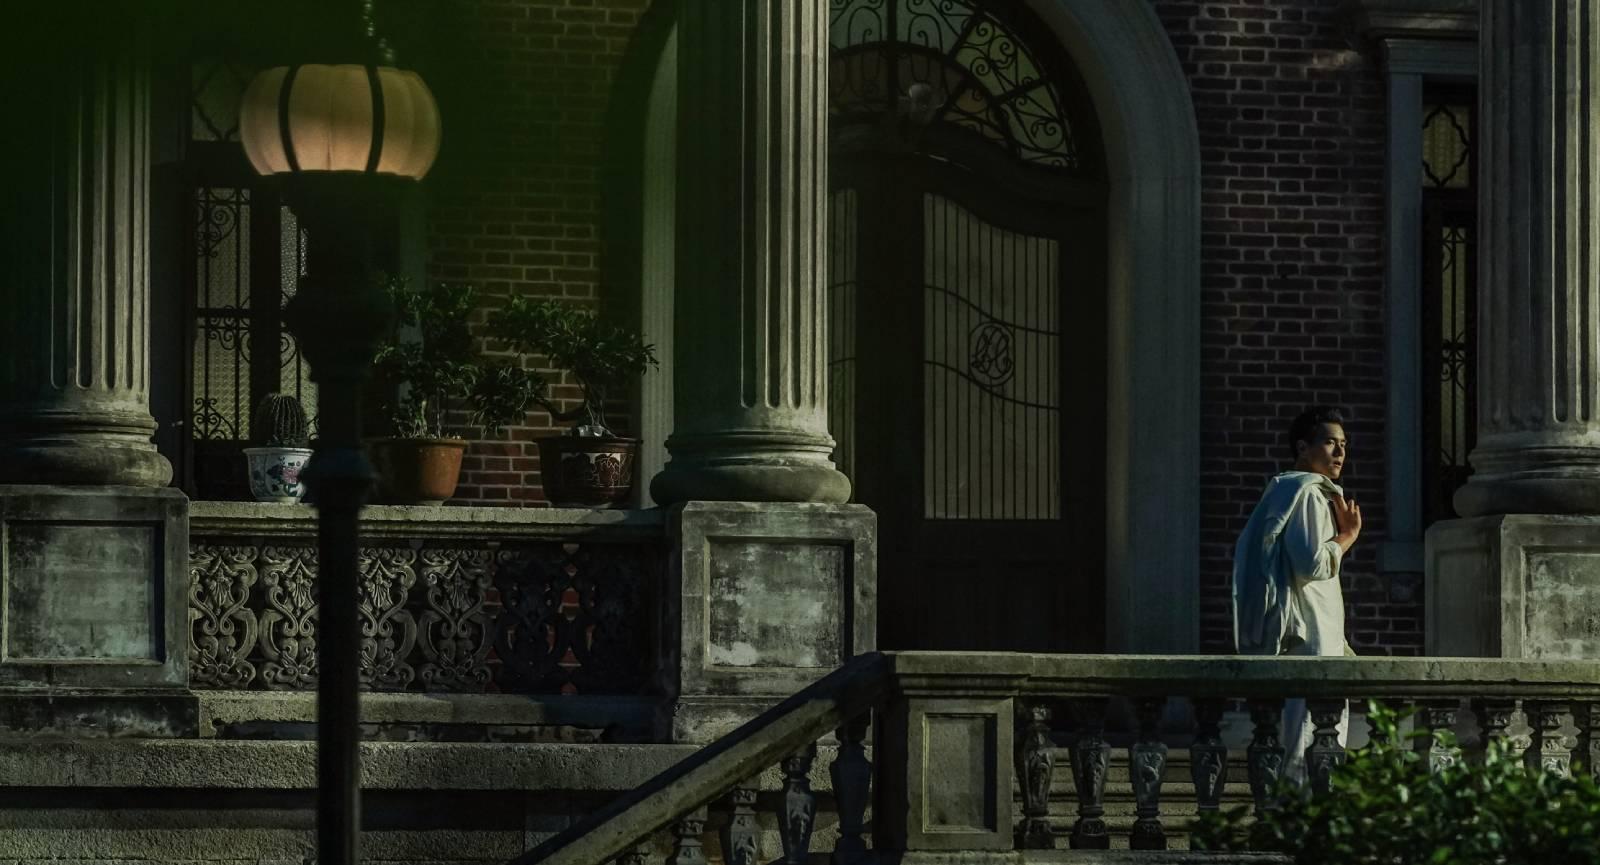 在電影《第一爐香》中,由彭于晏飾演混血兒男主角喬琪喬。王安憶認為喬琪代表了一類沒有皈依、只求現世快感的人物。